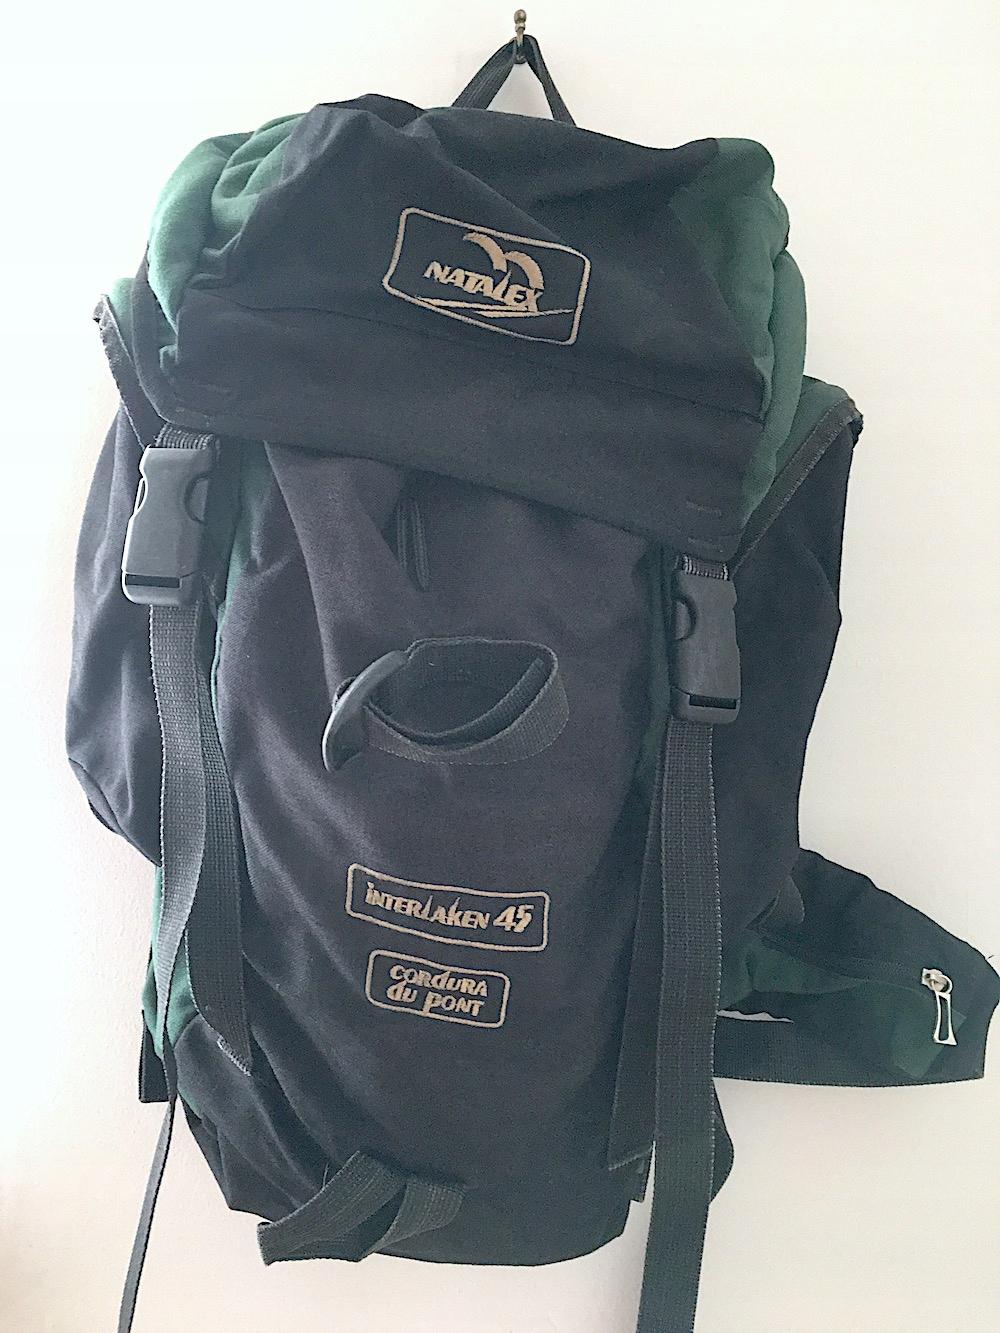 Plecak Natalex Interlaken 45 używany